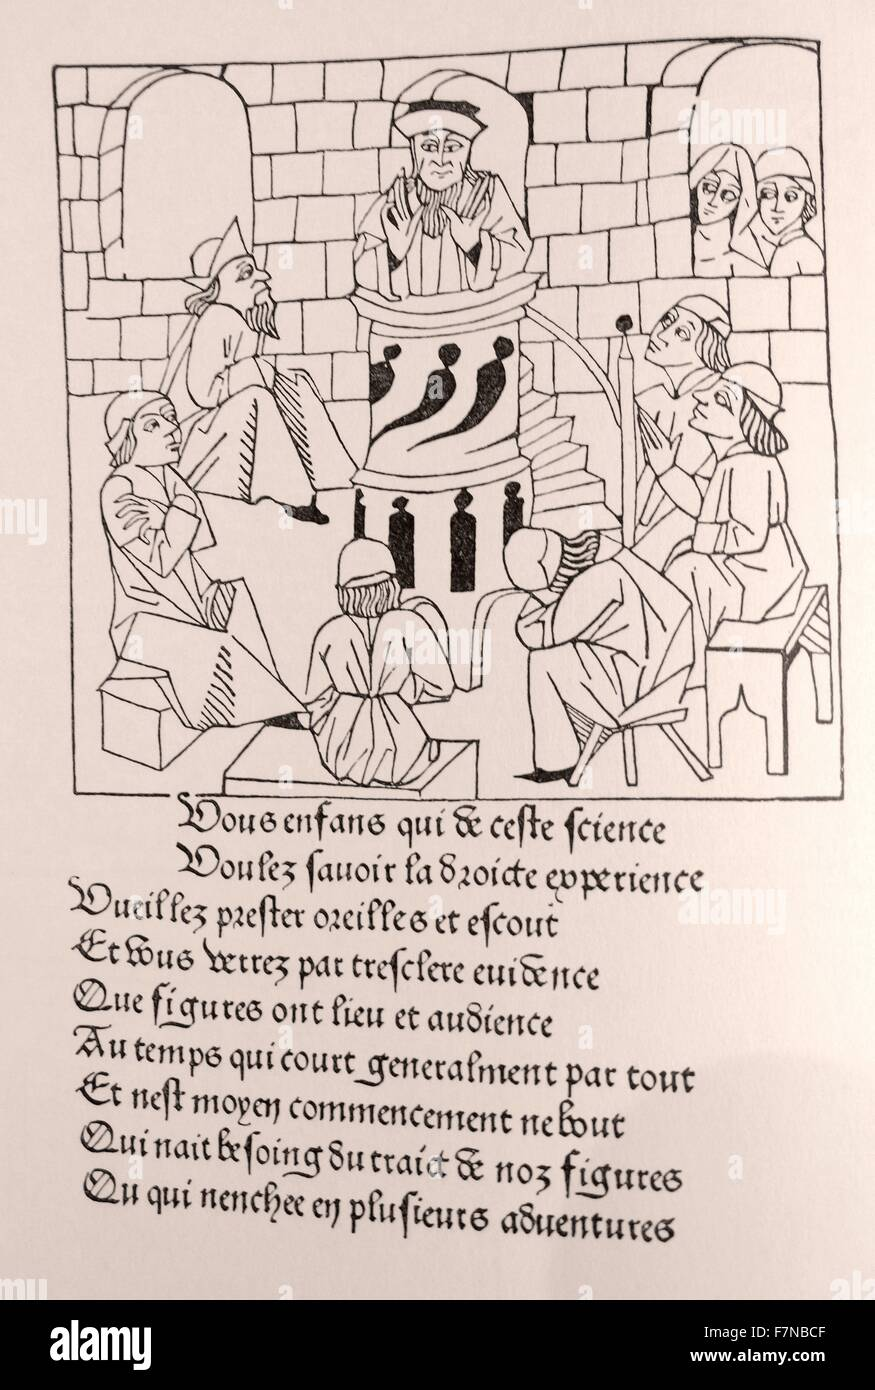 Romans de Chevalerie Francaise. Woodcut created by guillaume de roy 1480 - Stock Image